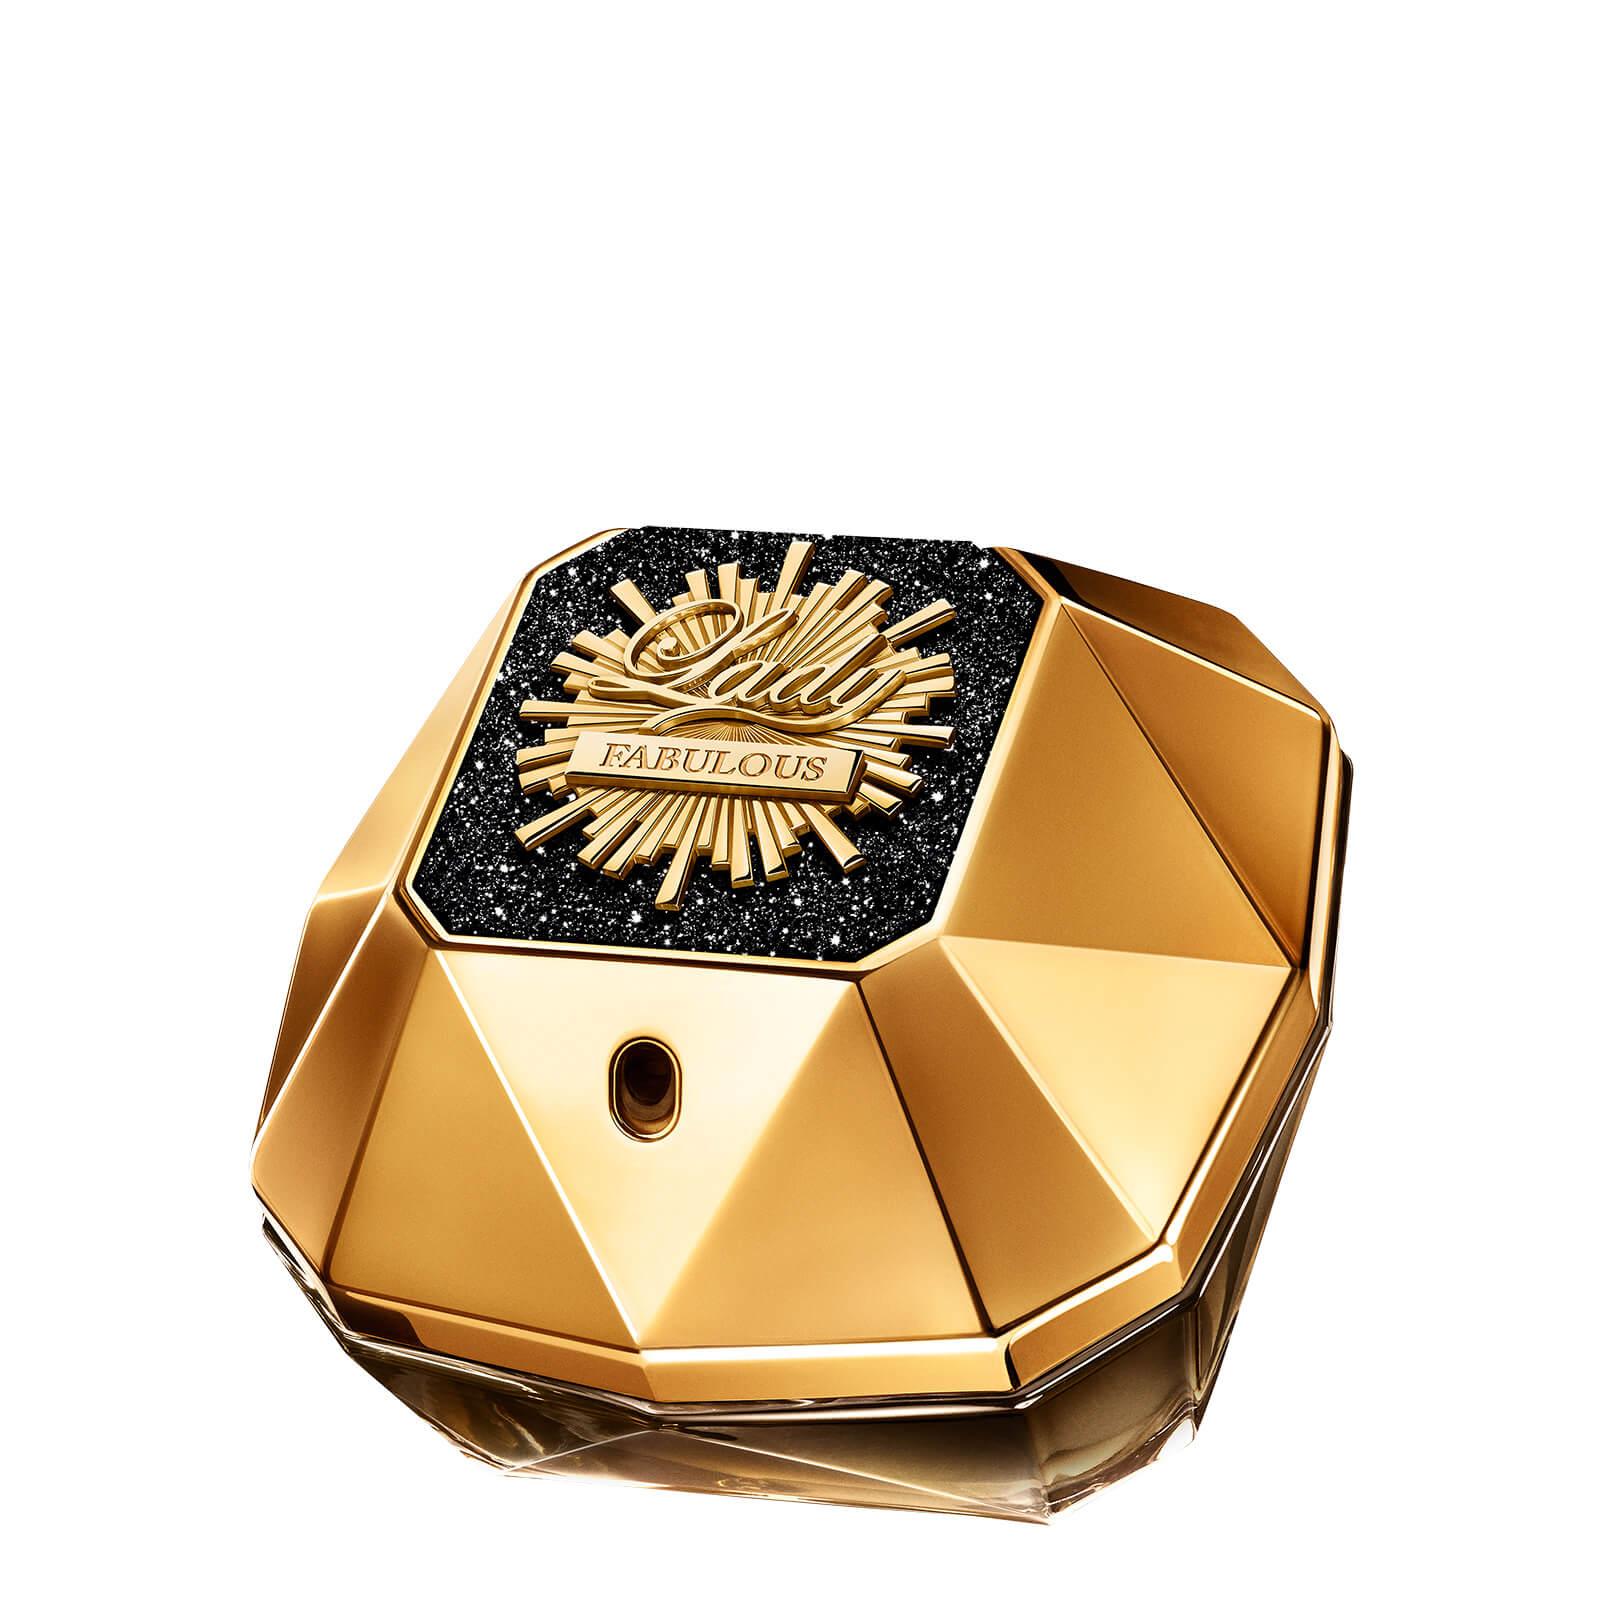 Купить Духи Paco Rabanne Lady Million Fabulous Eau de Parfum 80ml